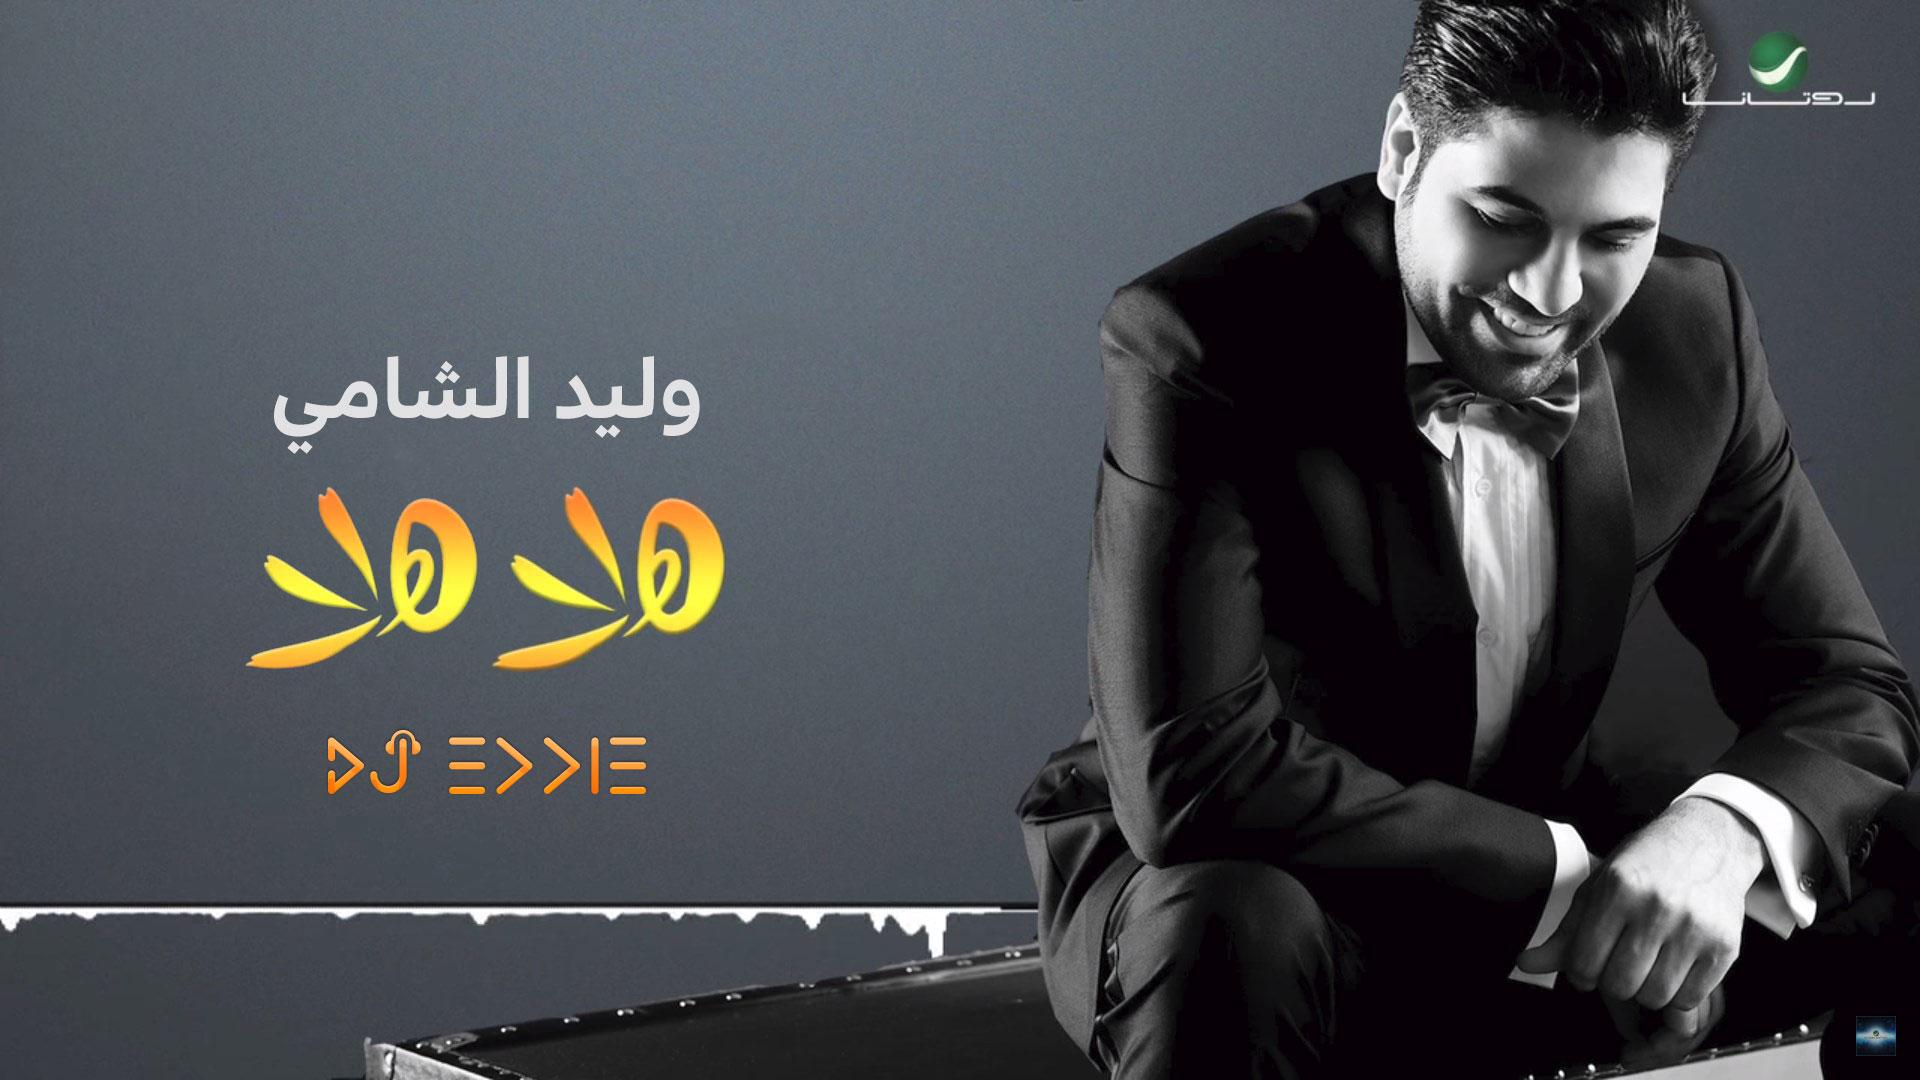 وليد الشامي – هلا هلا Waleed Al Shami – Hala Hala